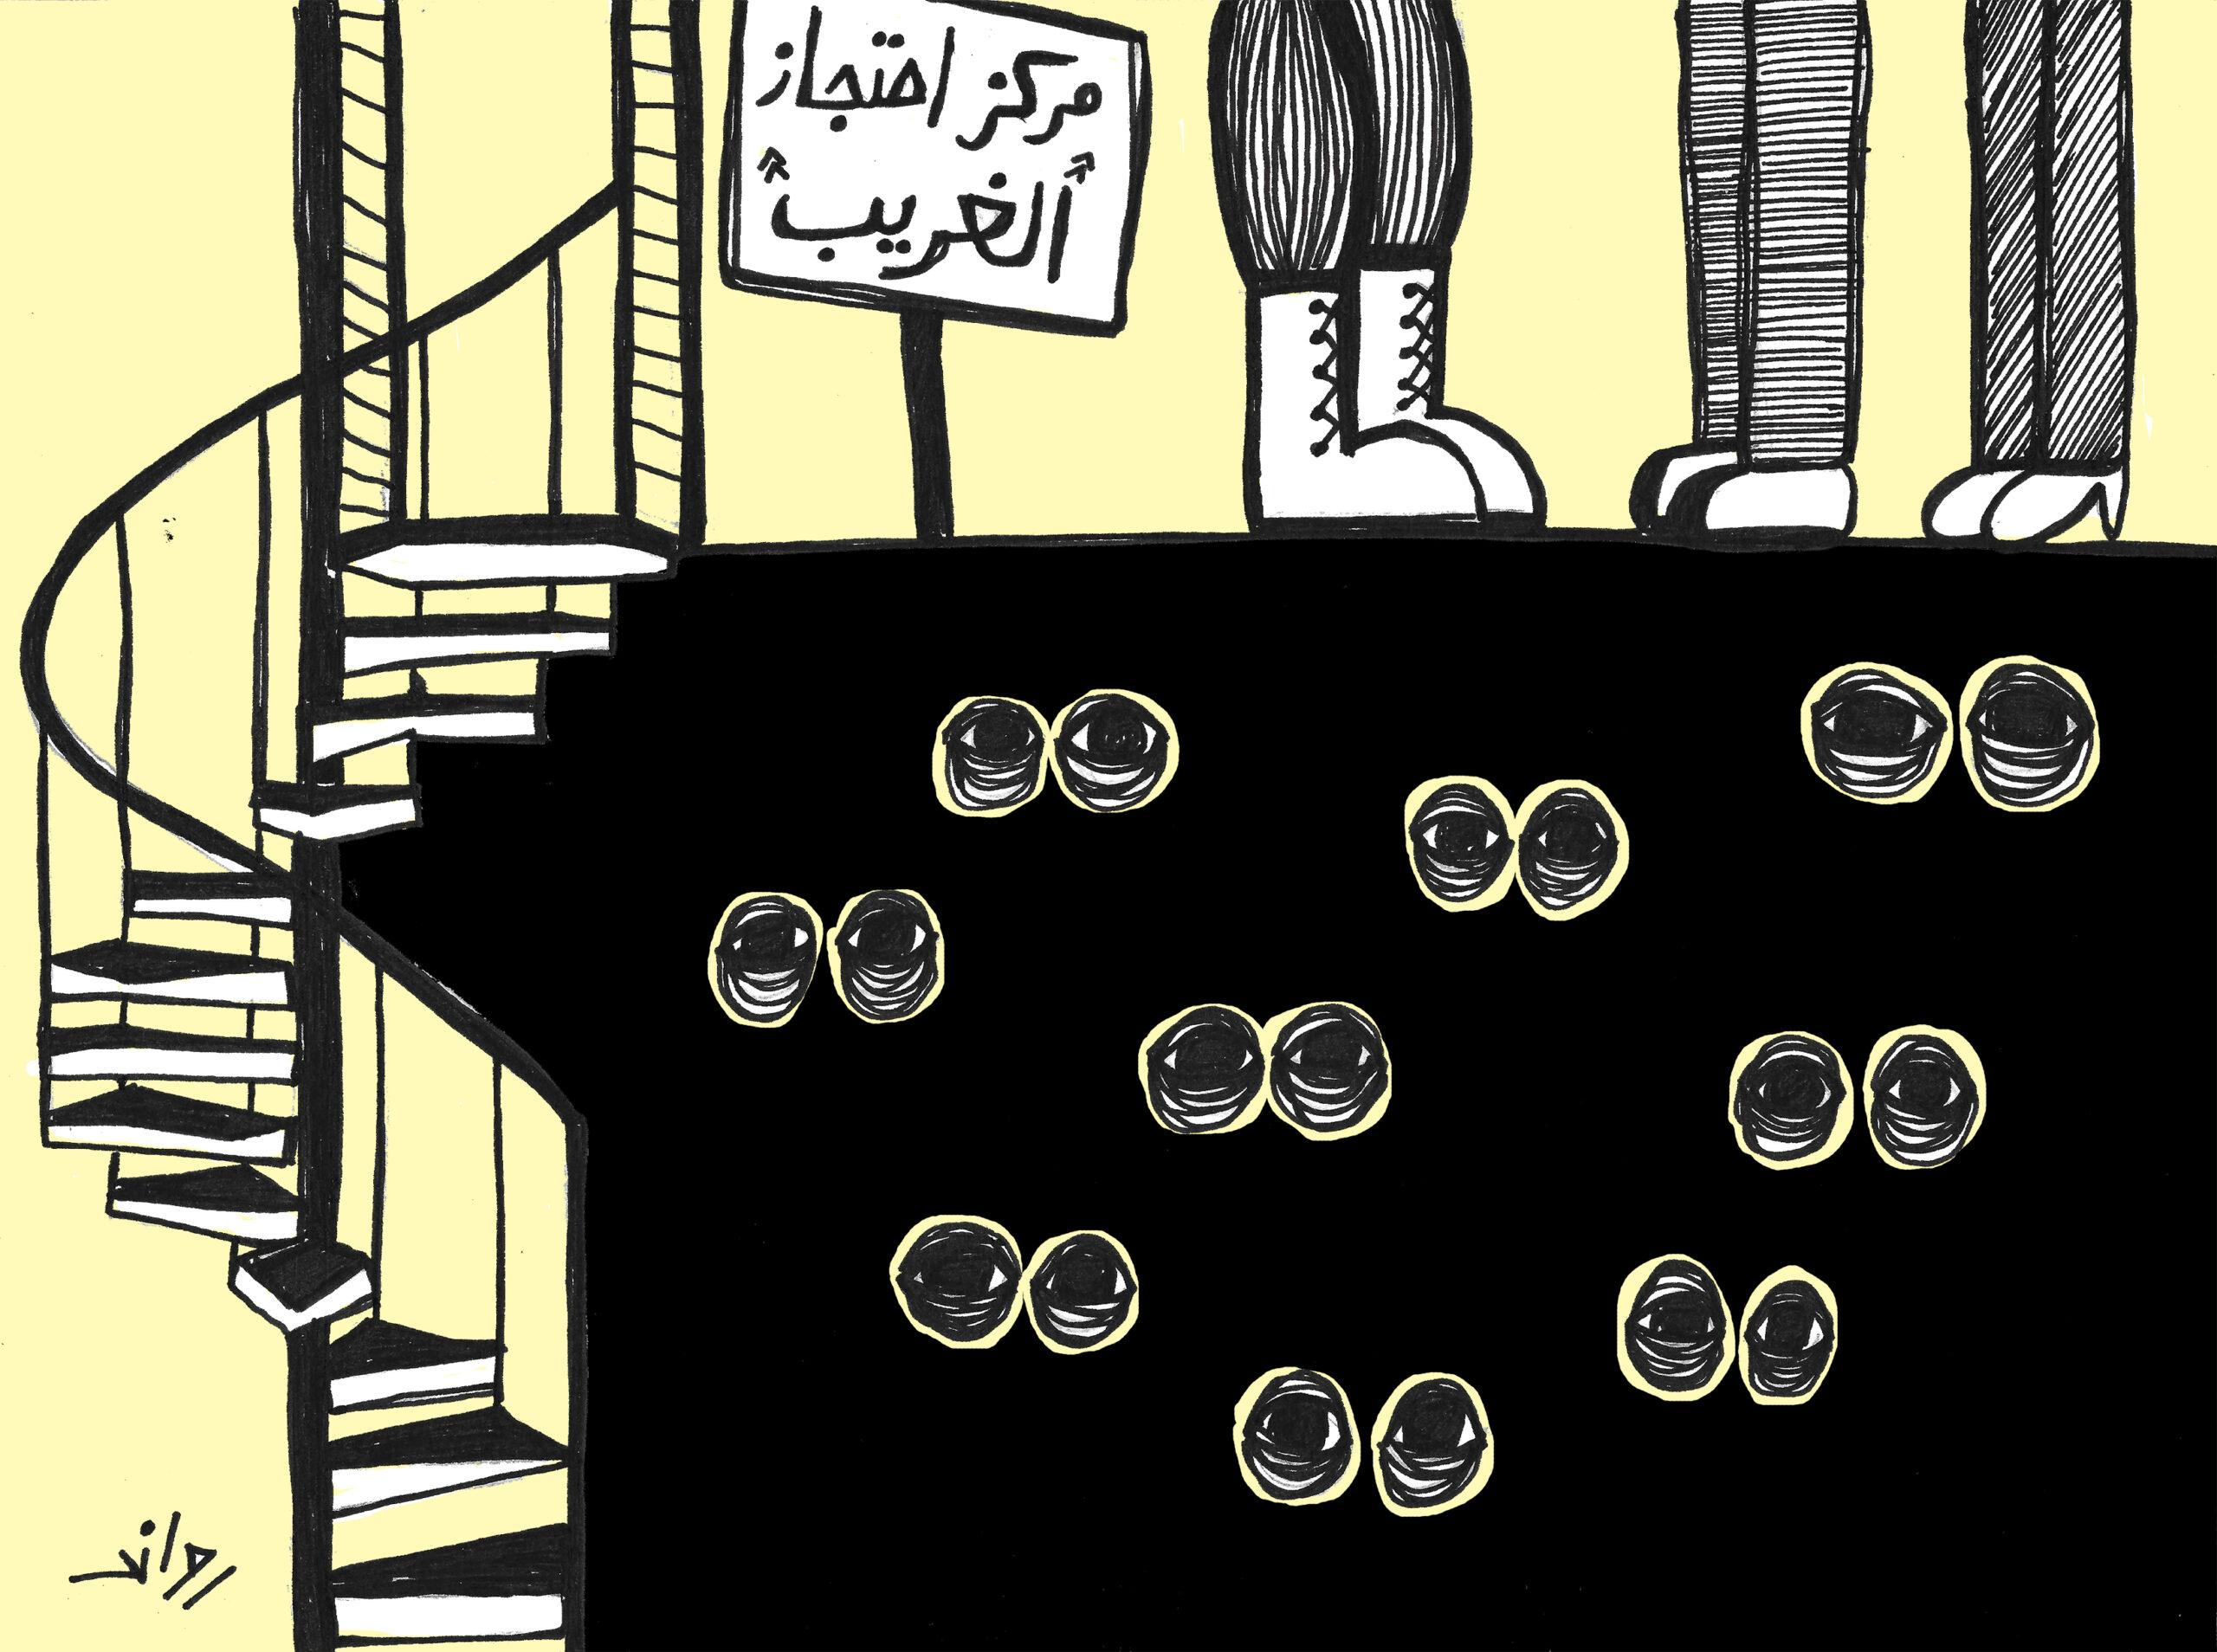 """من """"تحت الجسر"""" إلى """"ساعة العبد"""": محتجزو الأمن العام يحصّلون الضوء، فقط"""